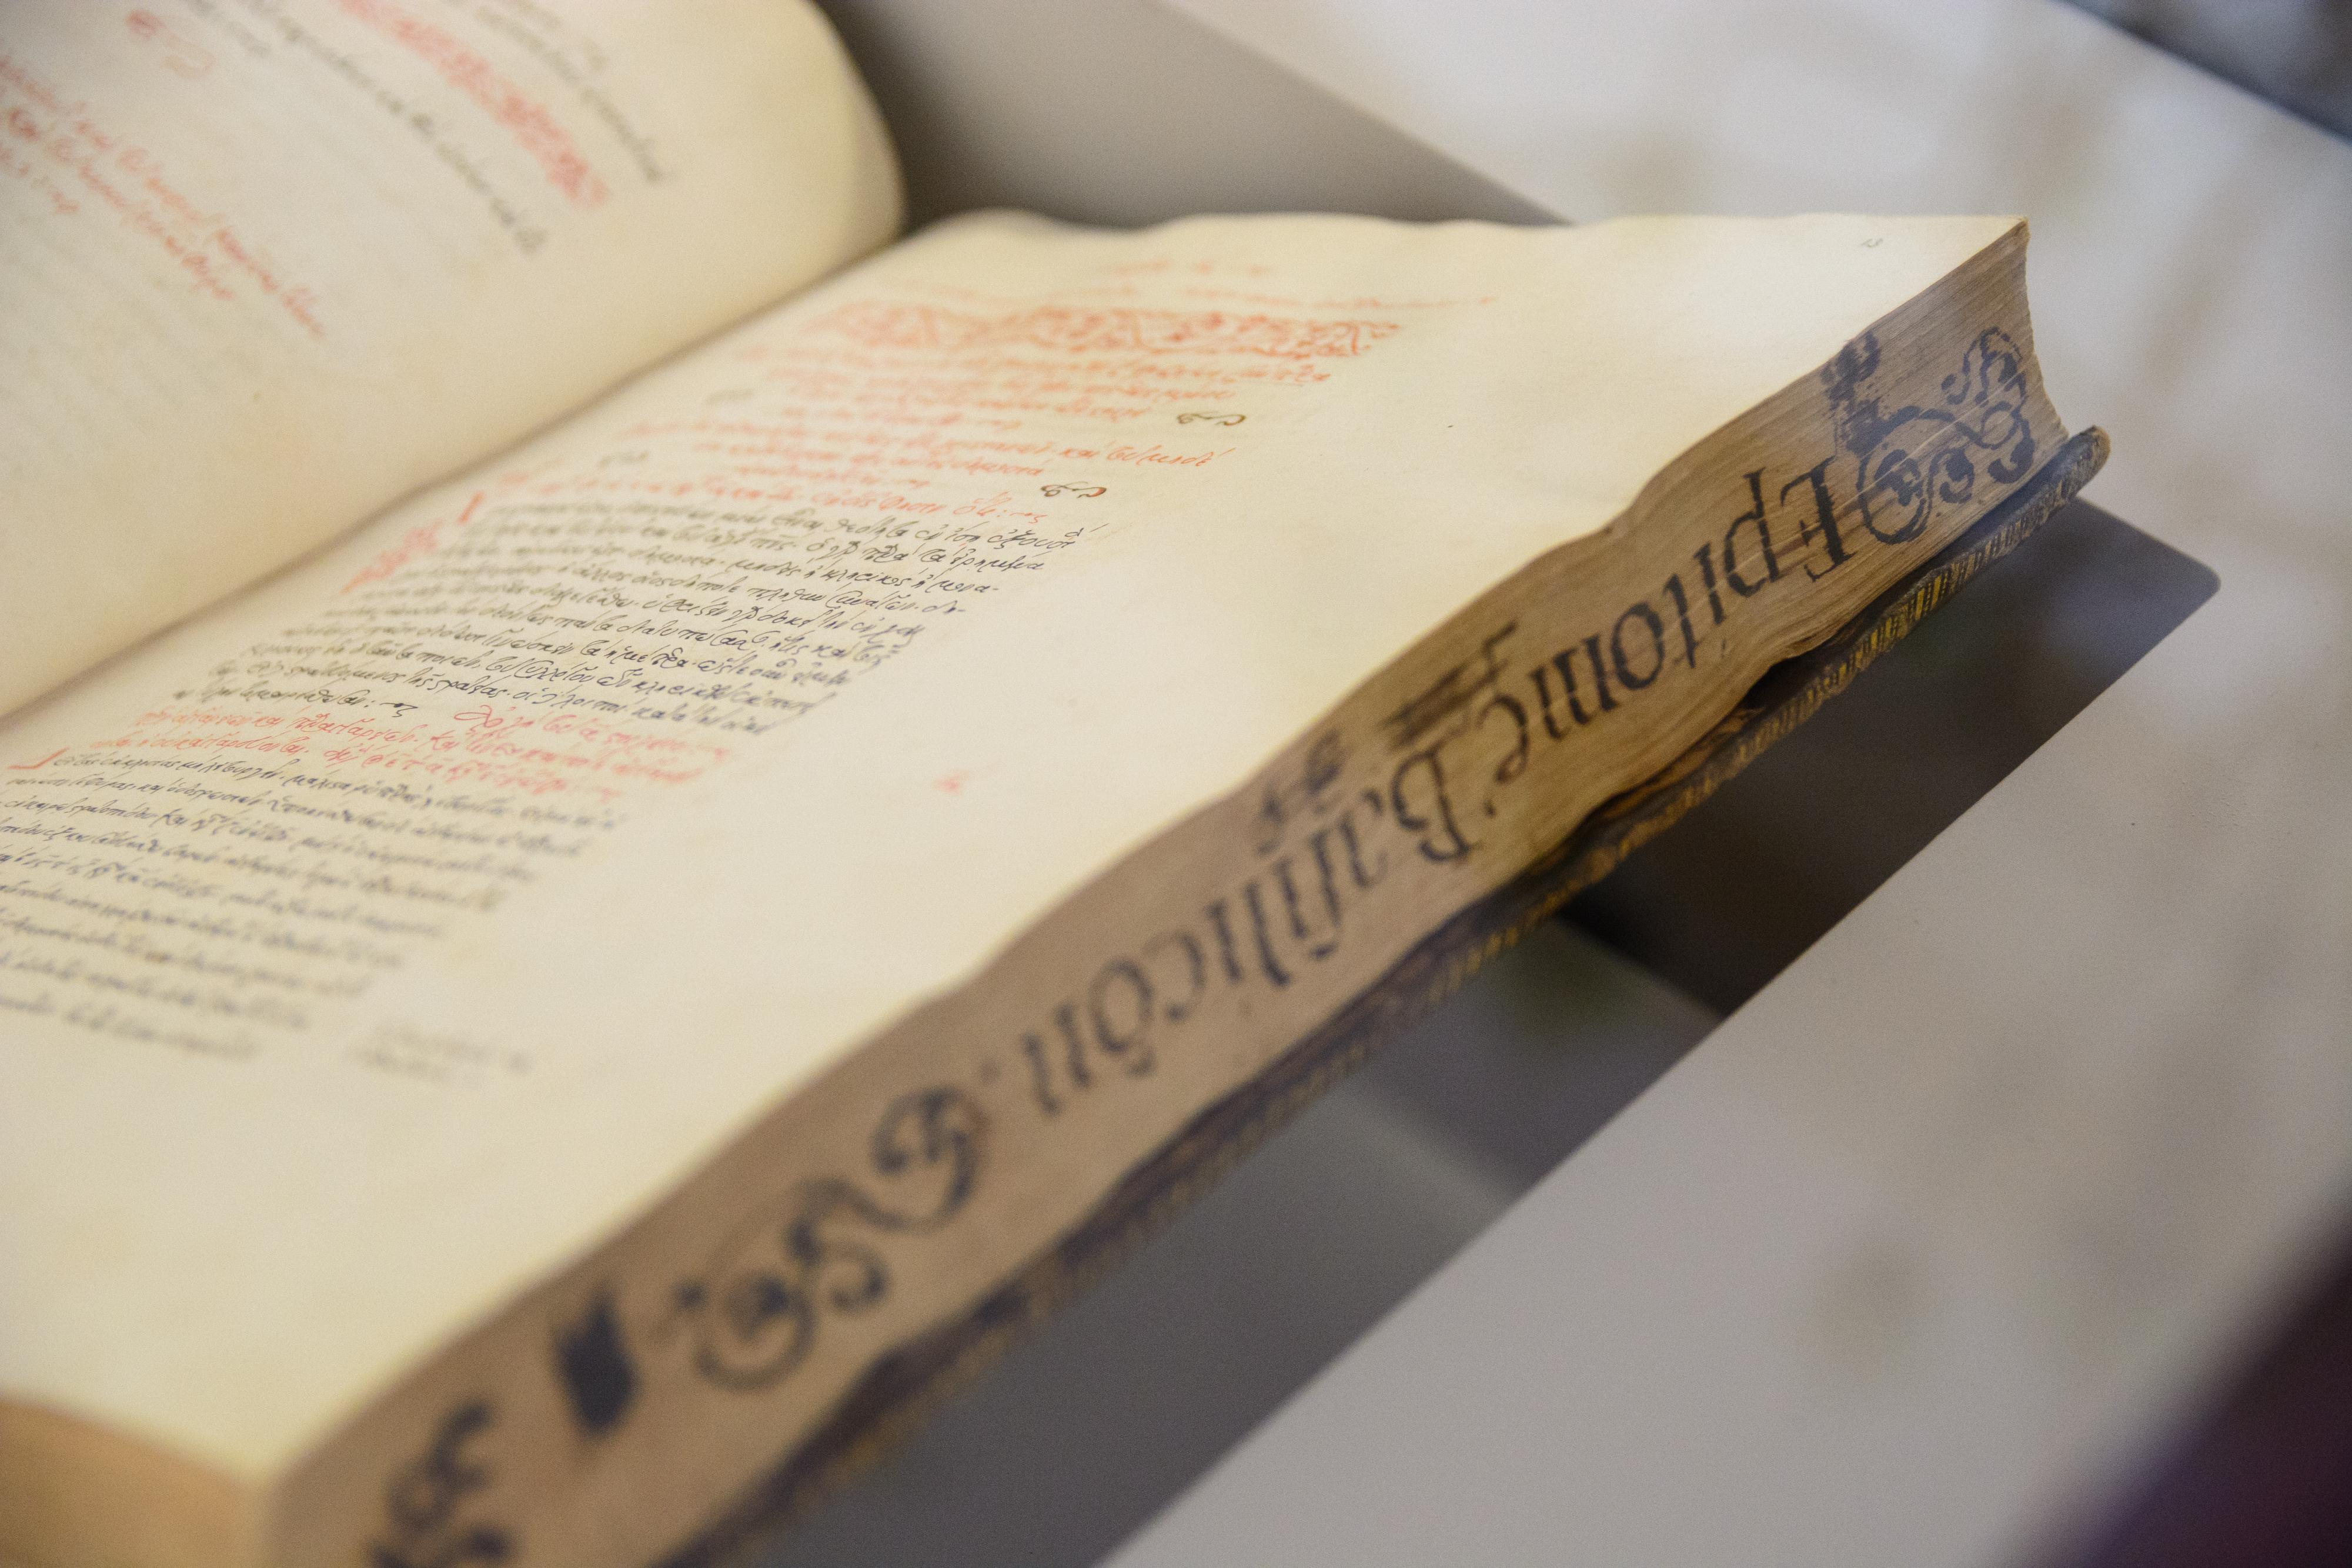 'Scripta. Tesoros manuscritos de la Universidad de Salamanca' llega a la Casa Museo de Unamuno tras su exhibición en la Biblioteca Nacional